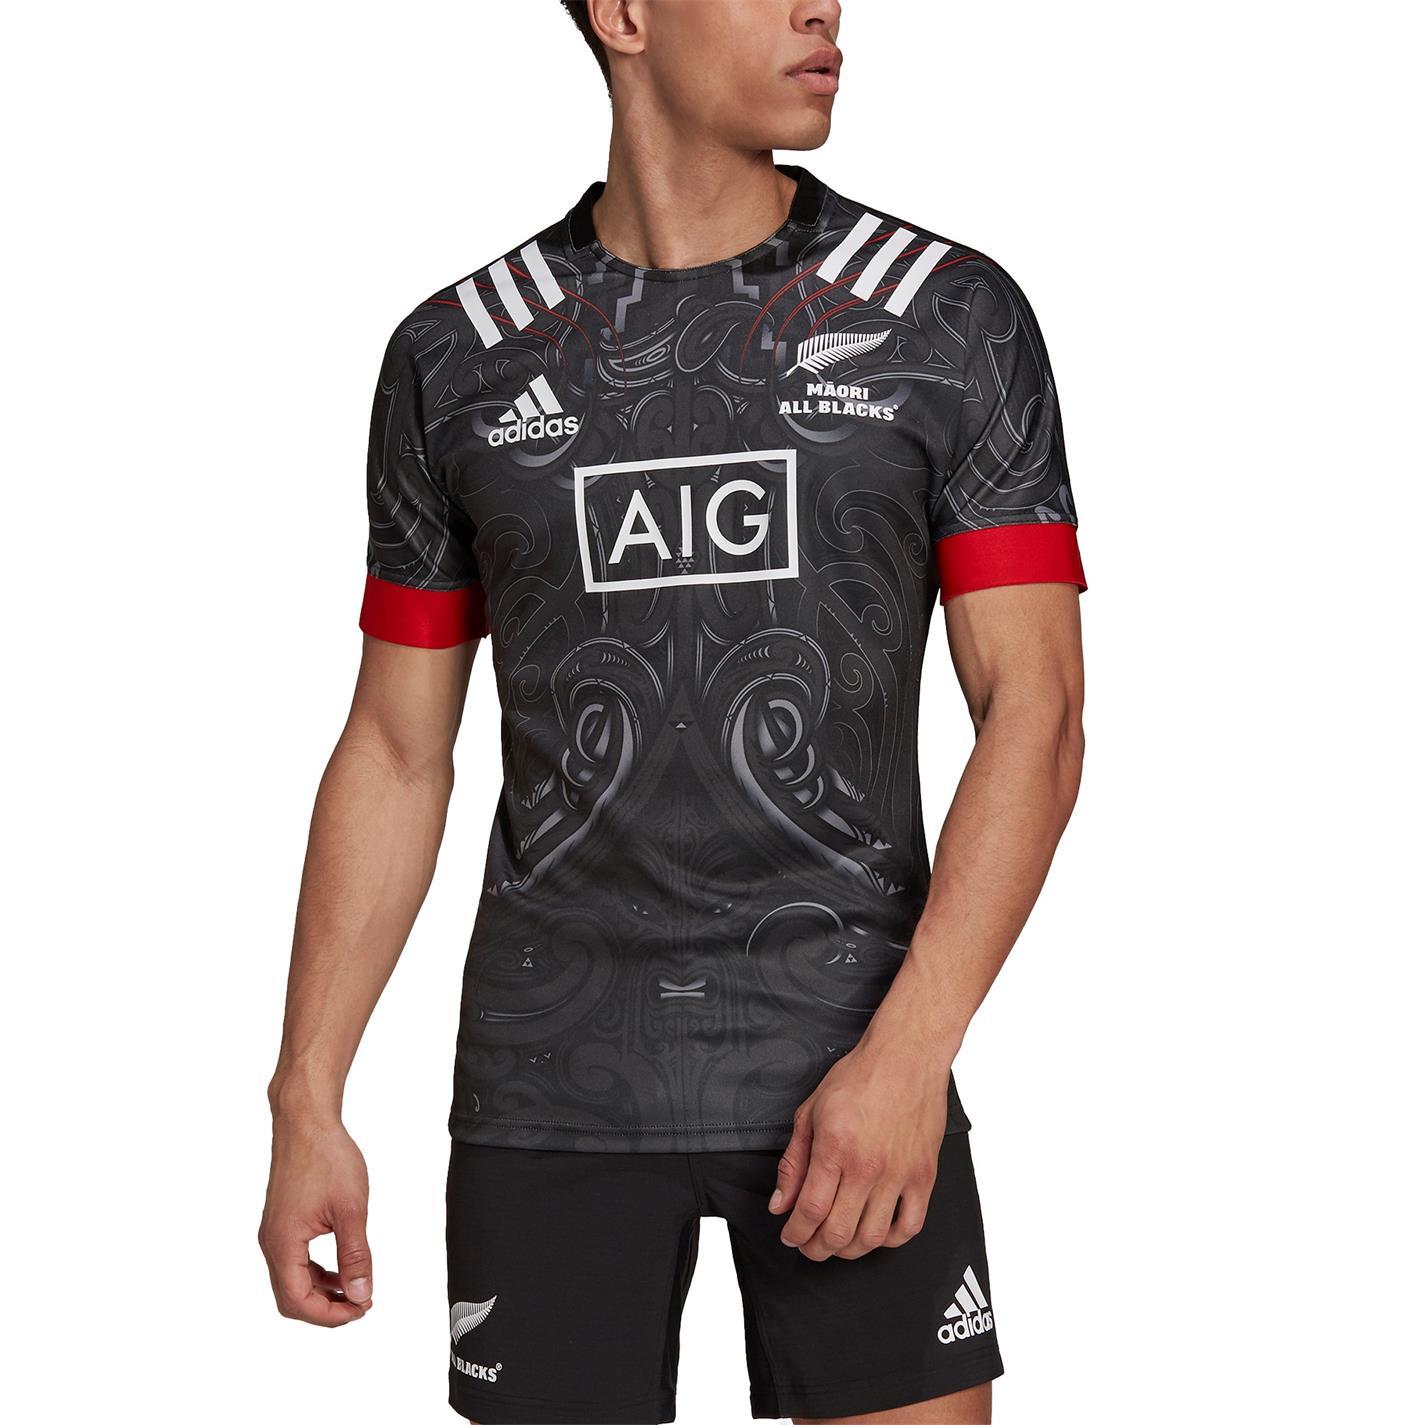 adidas Maori All Blacks Shirt 2021 art